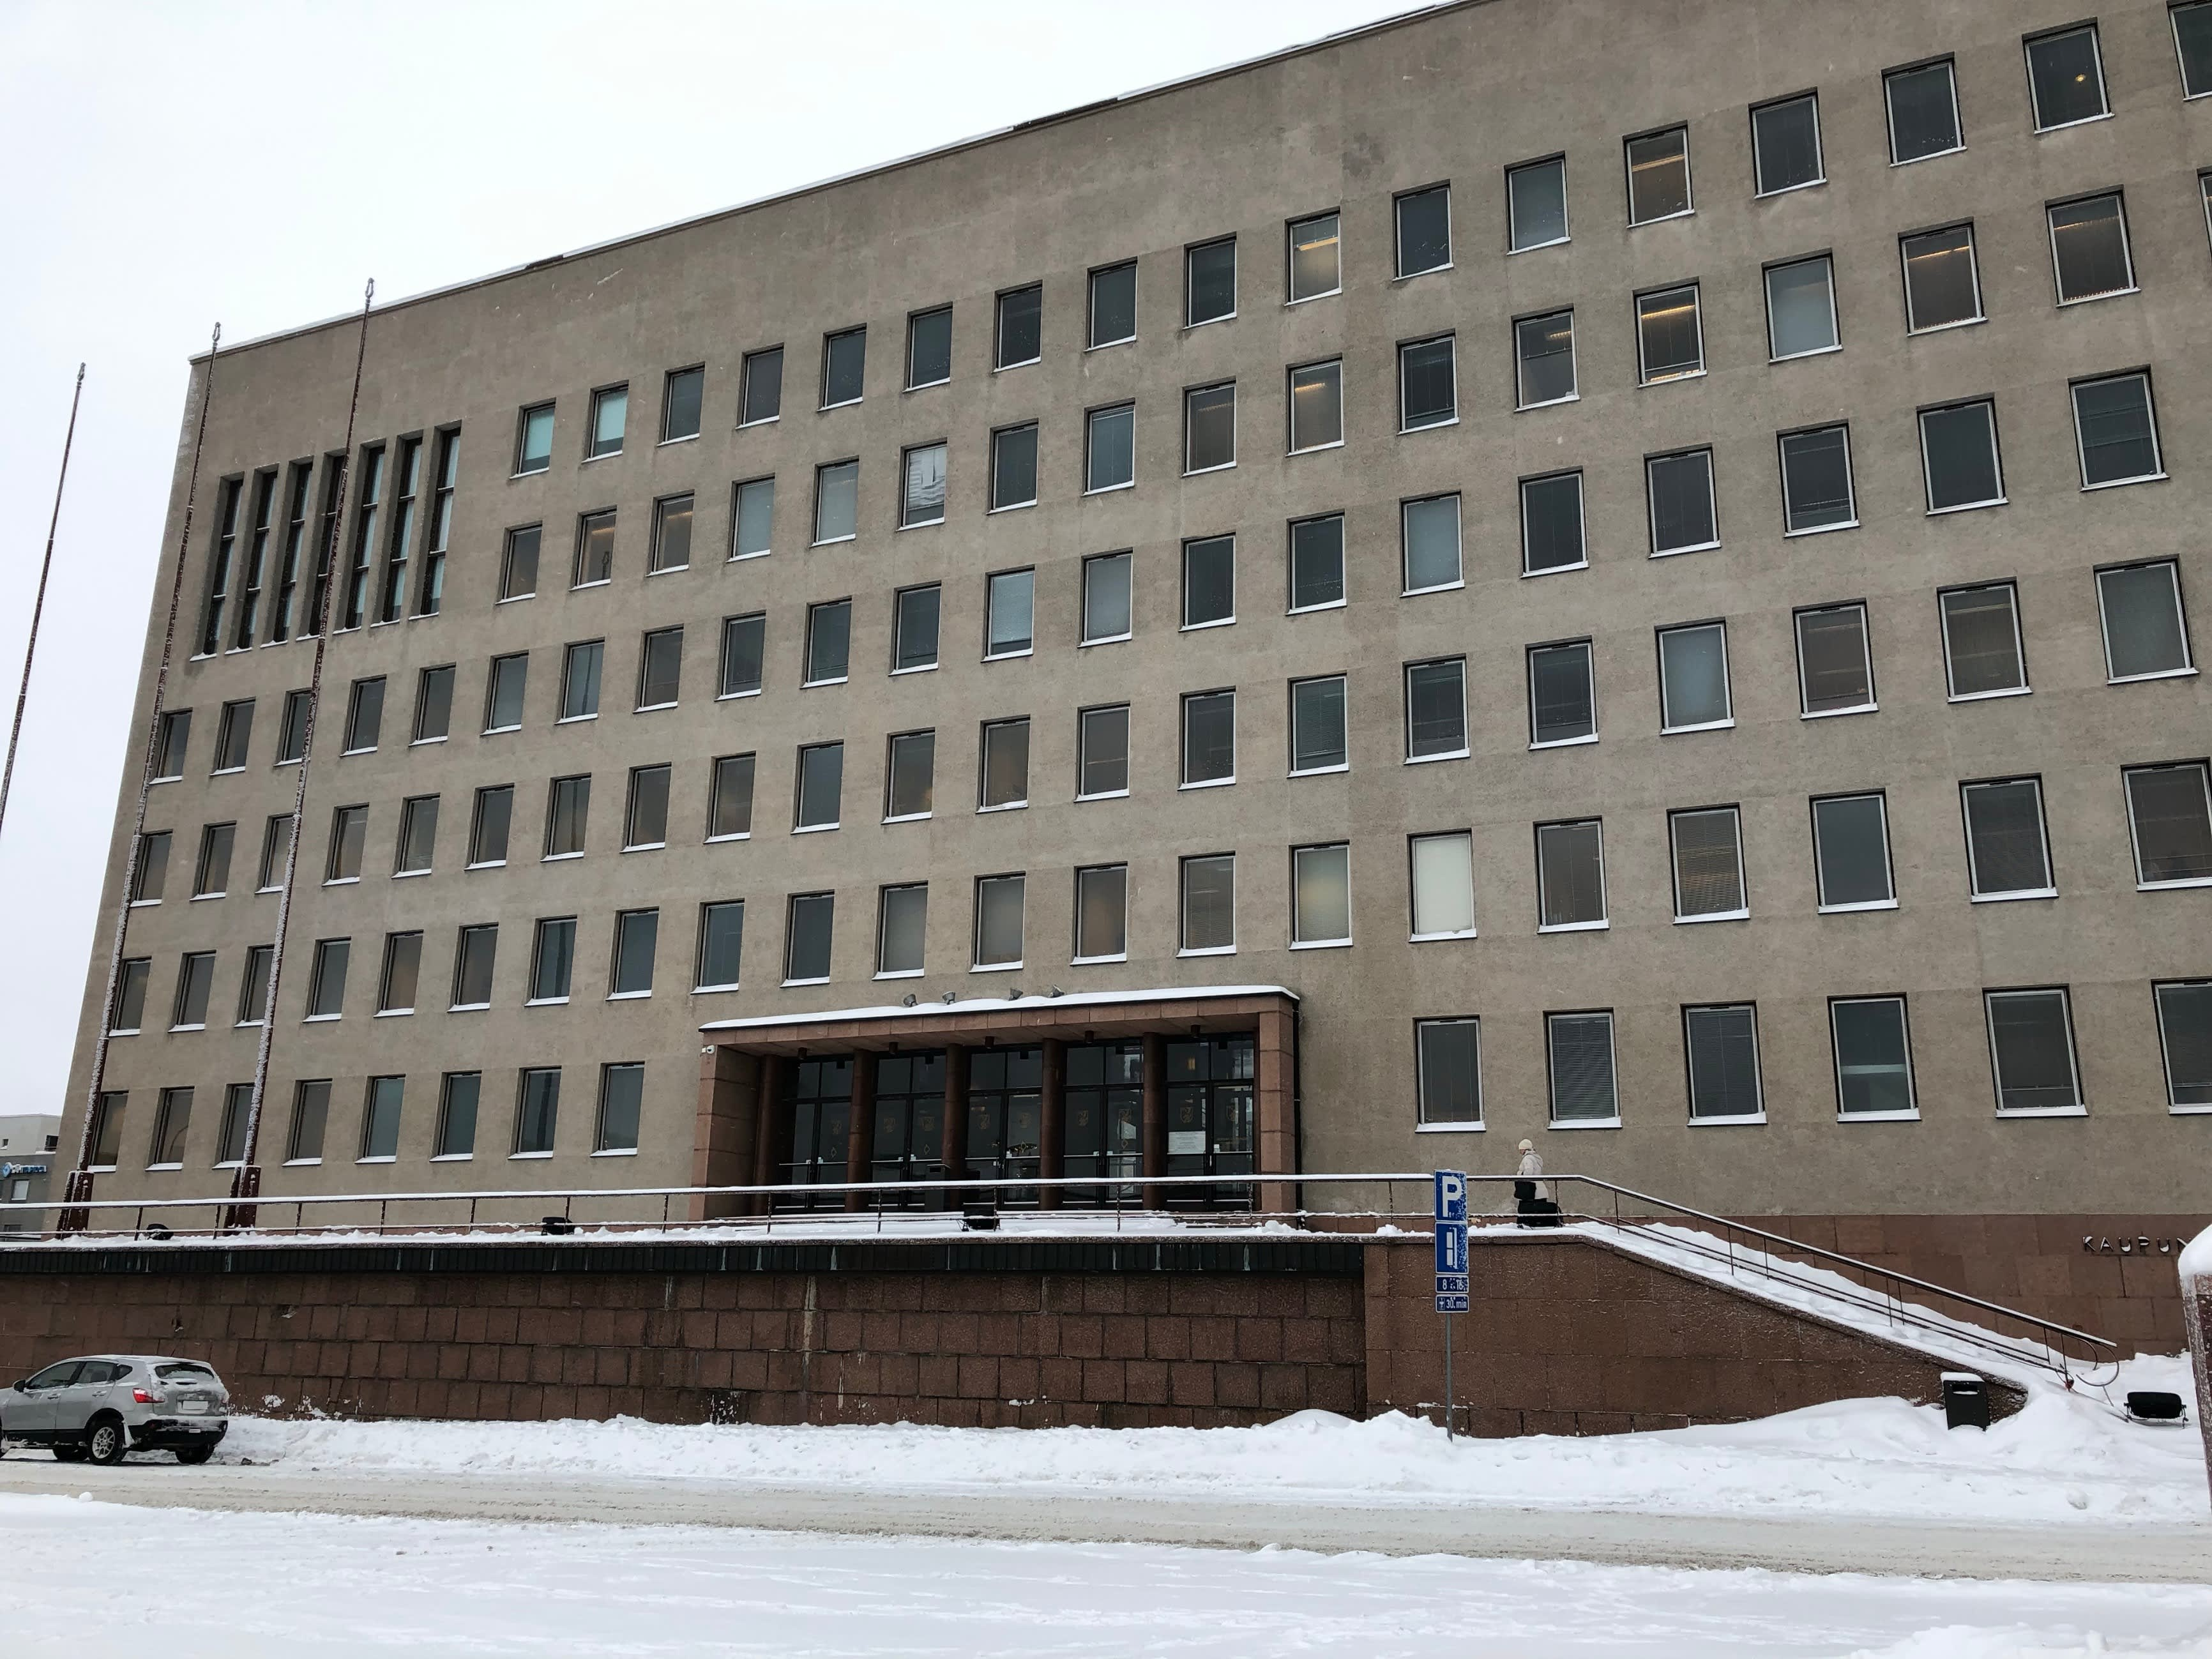 Kotkan kaupungintalon julkisivu kohoaa lumisesta maisemasta.